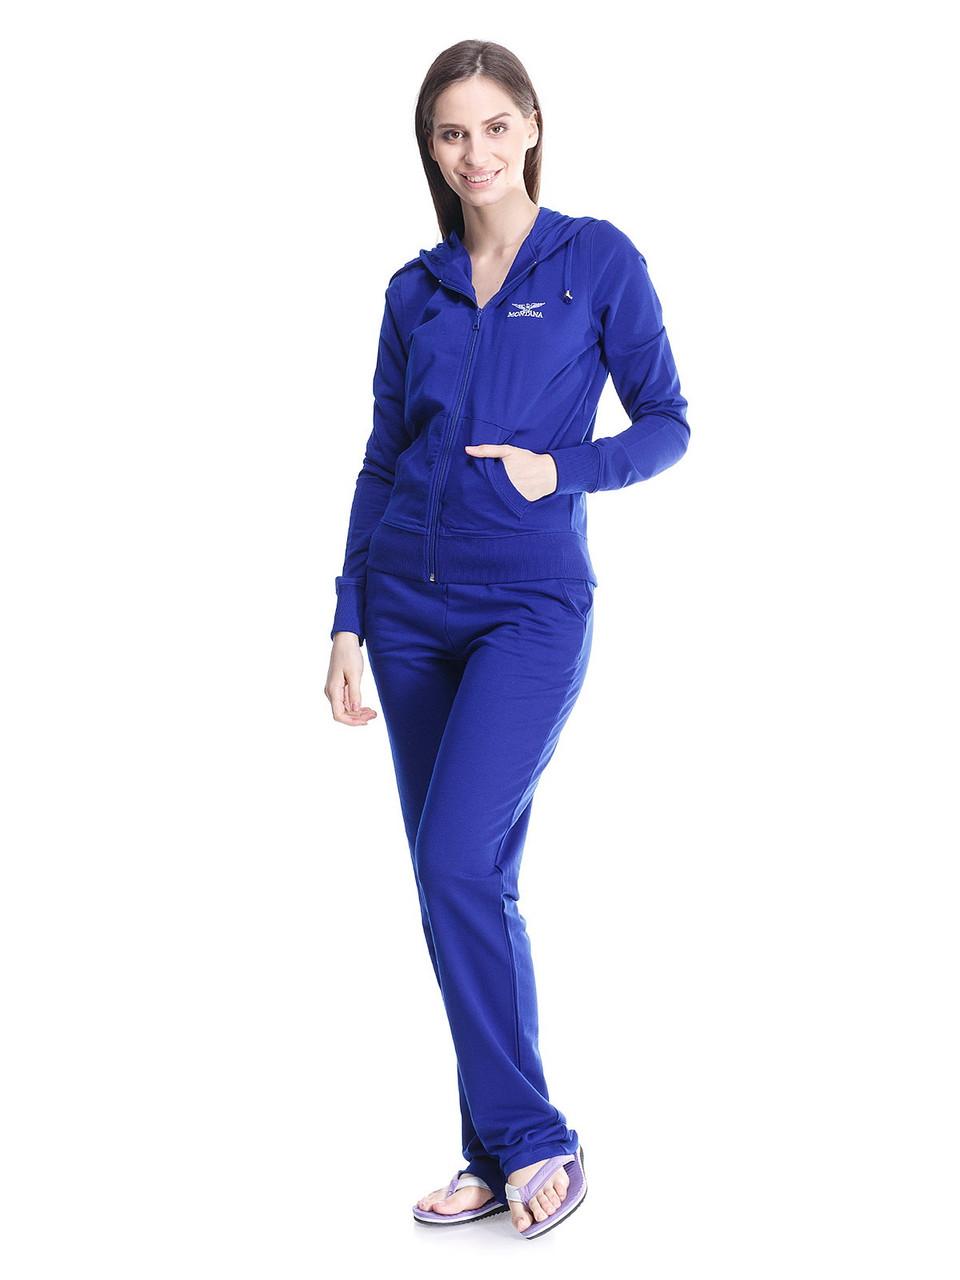 Женский спортивный костюм MONTANA  27512 Royal blue